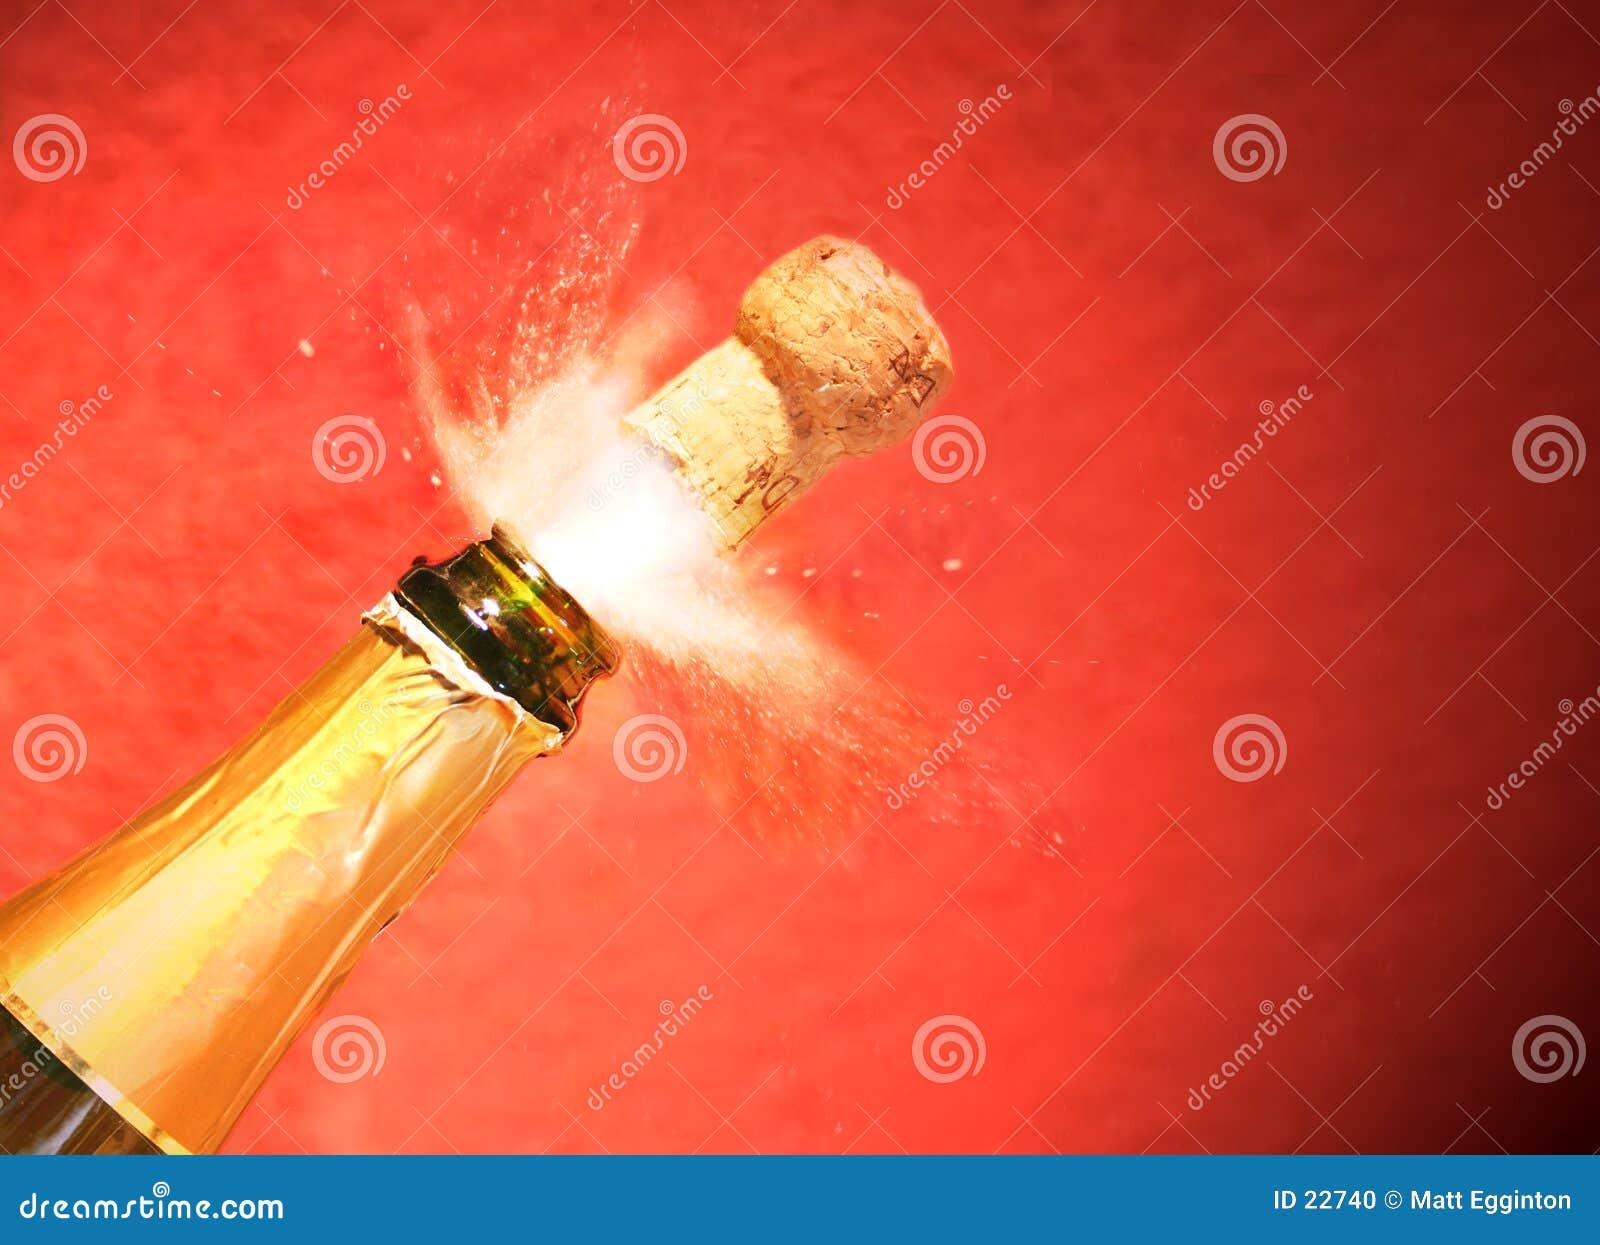 Champagne Spray 2